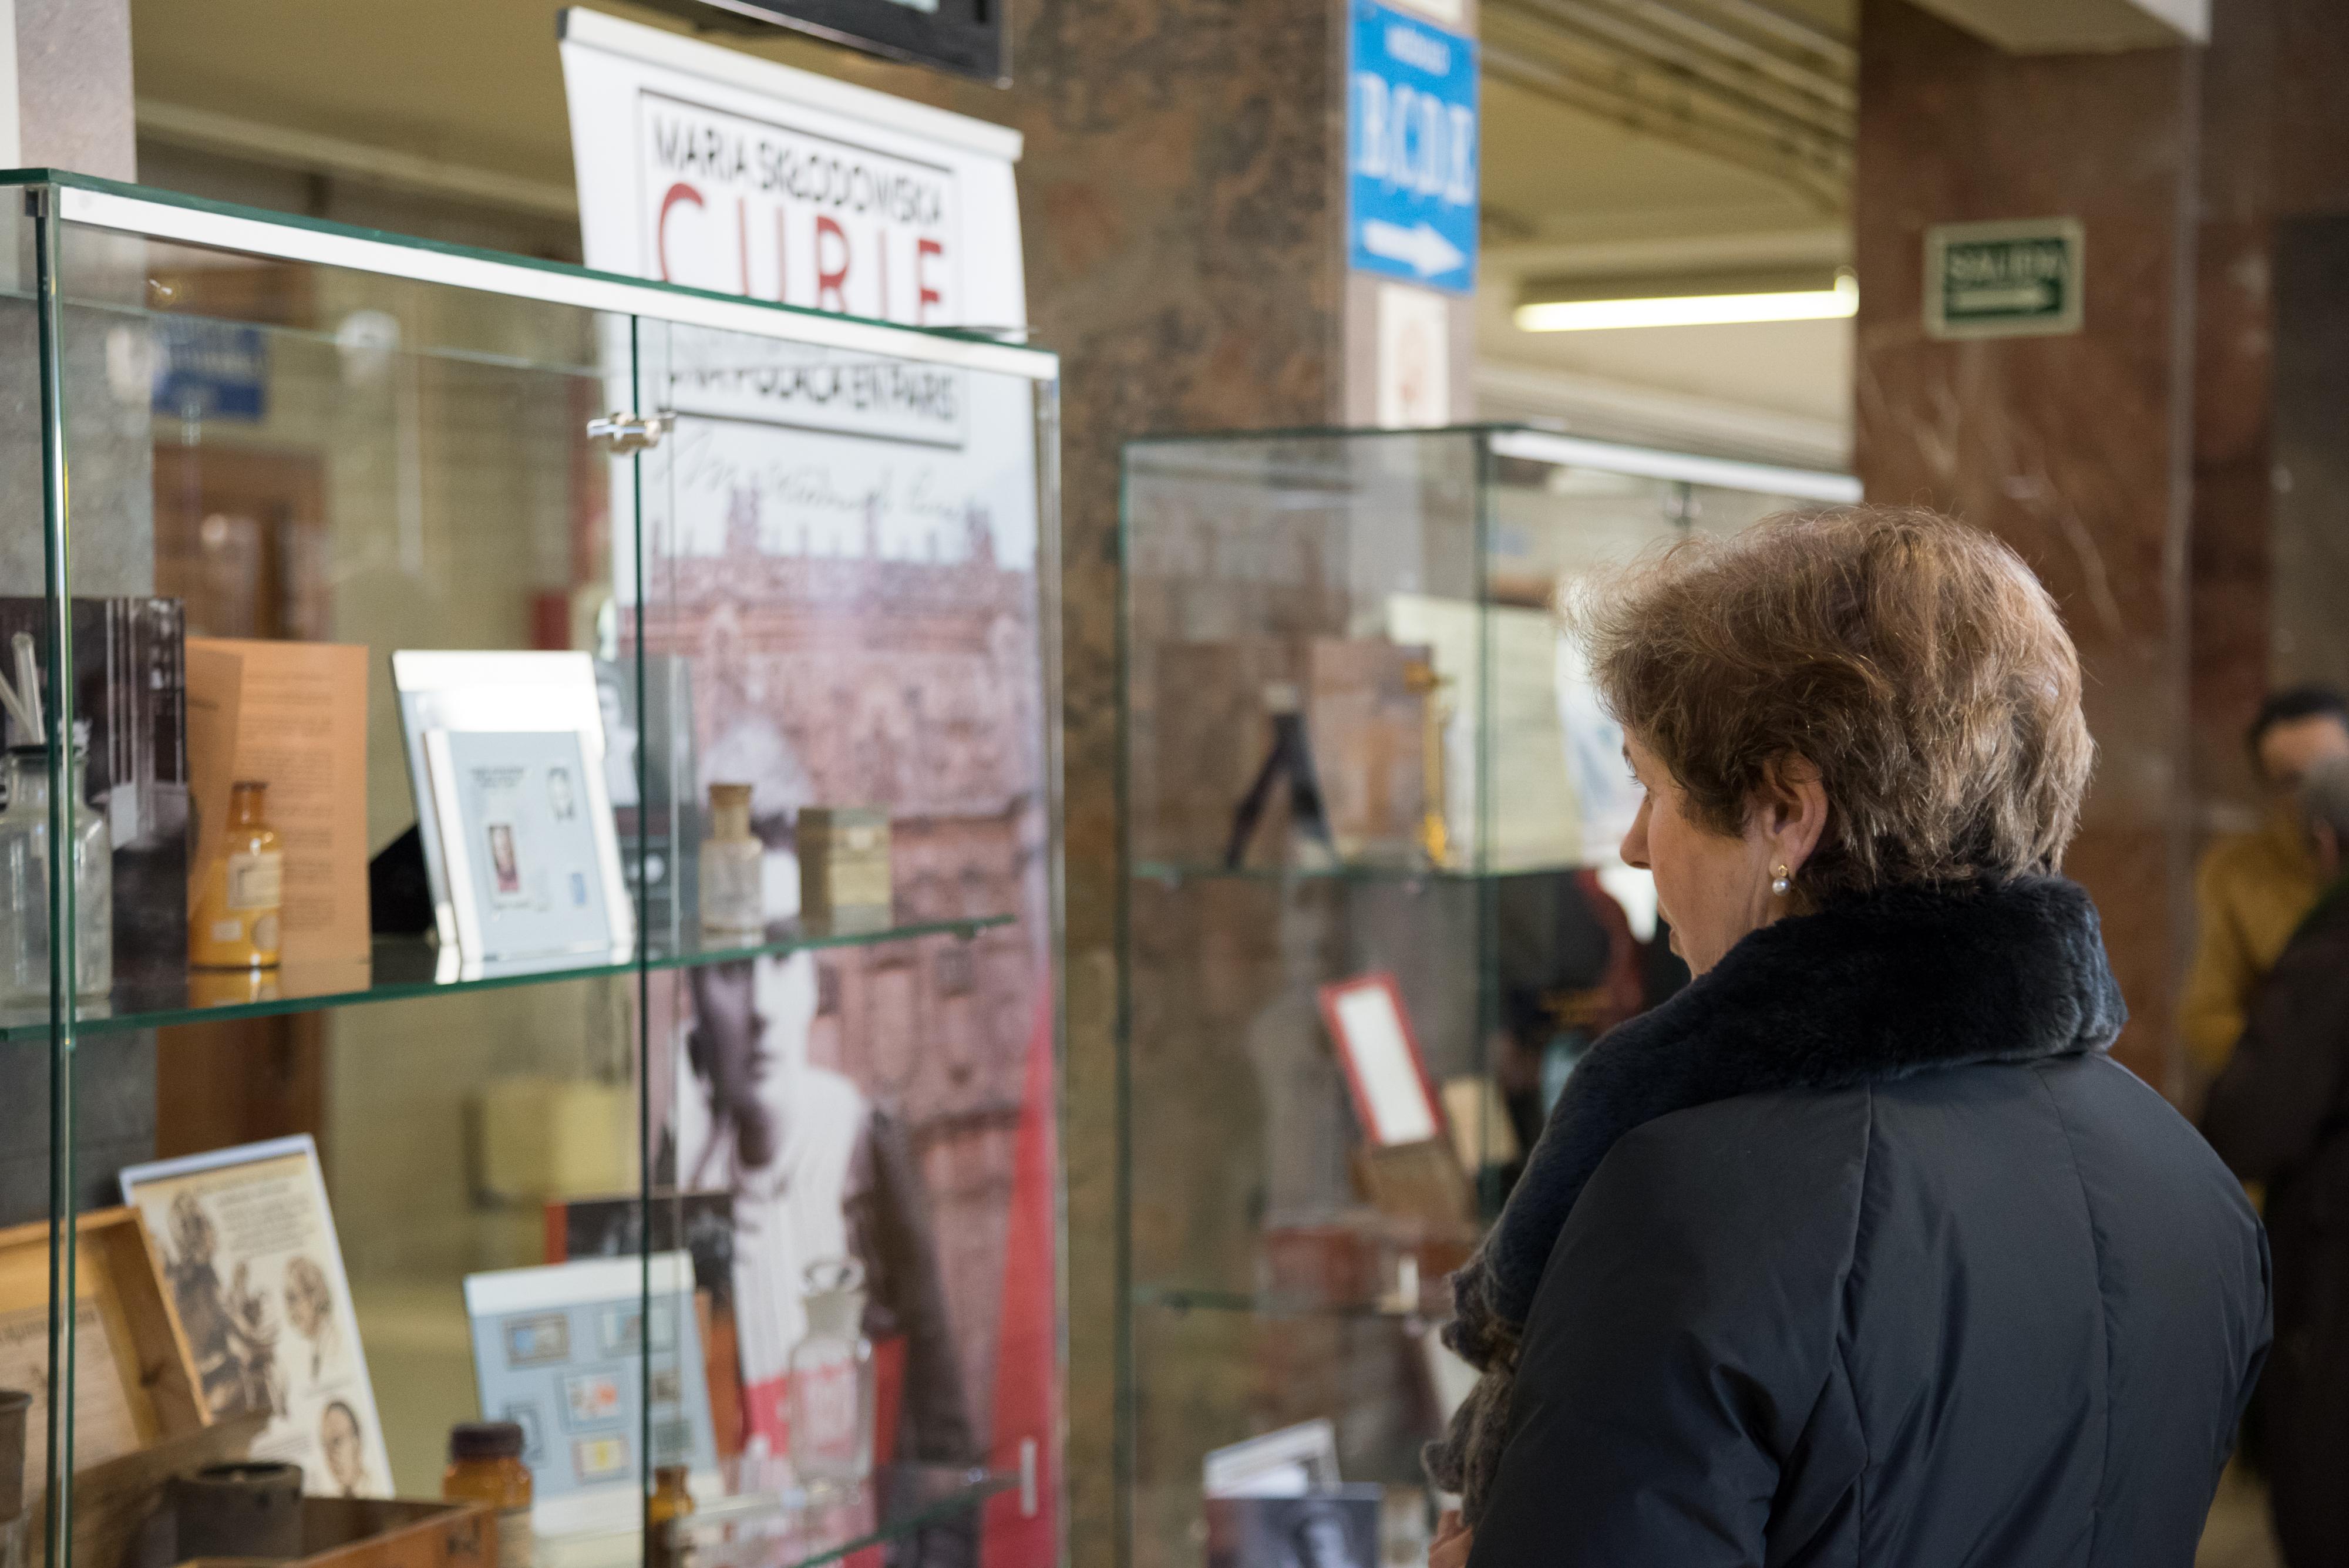 La Universidad de Salamanca acerca al gran público la figura y logros científicos de Marie Curie